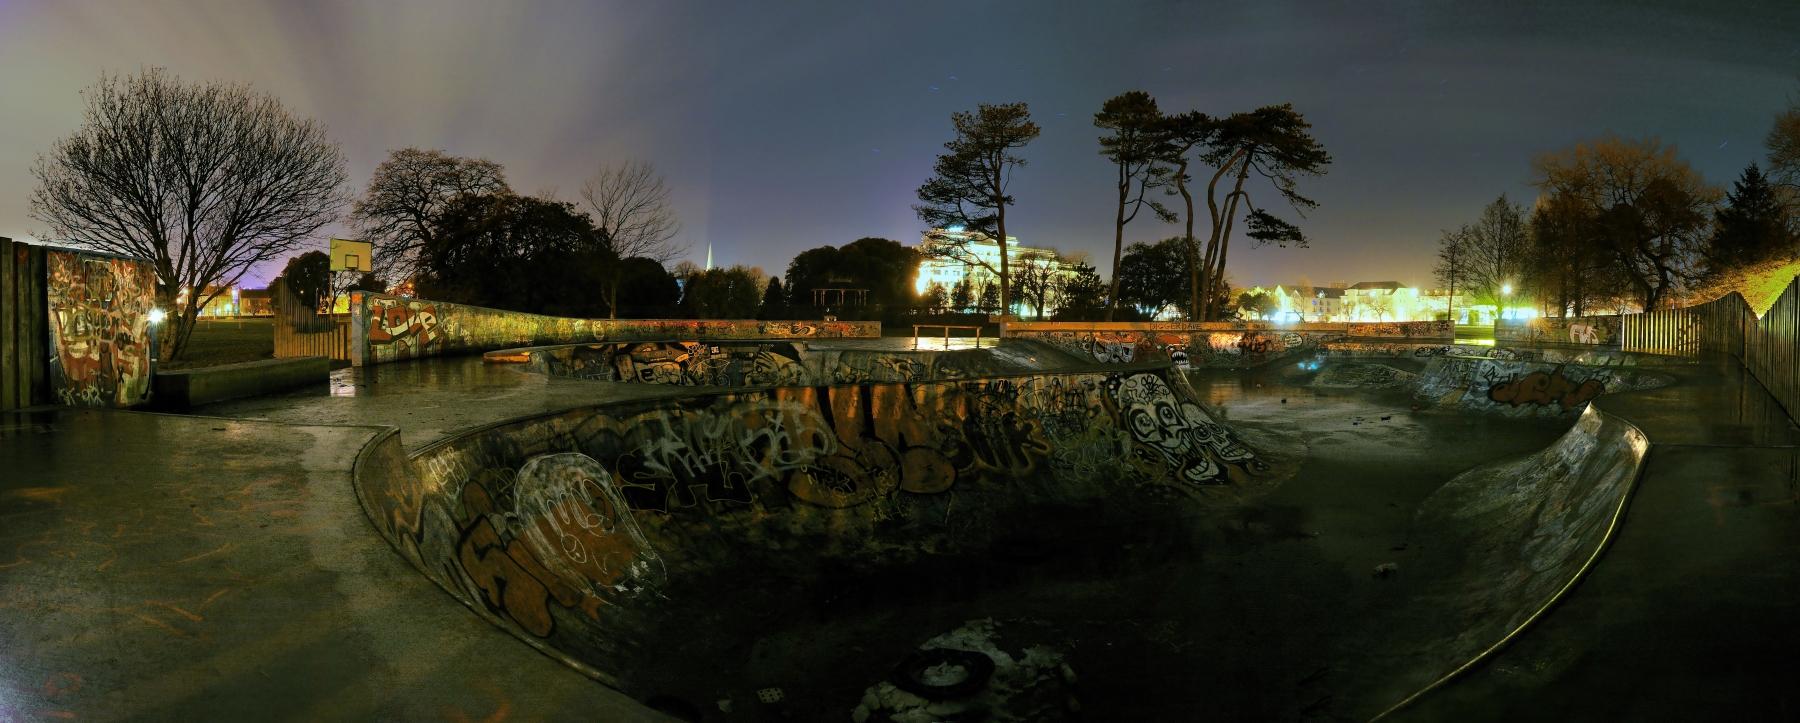 Skatepark by Banshee333